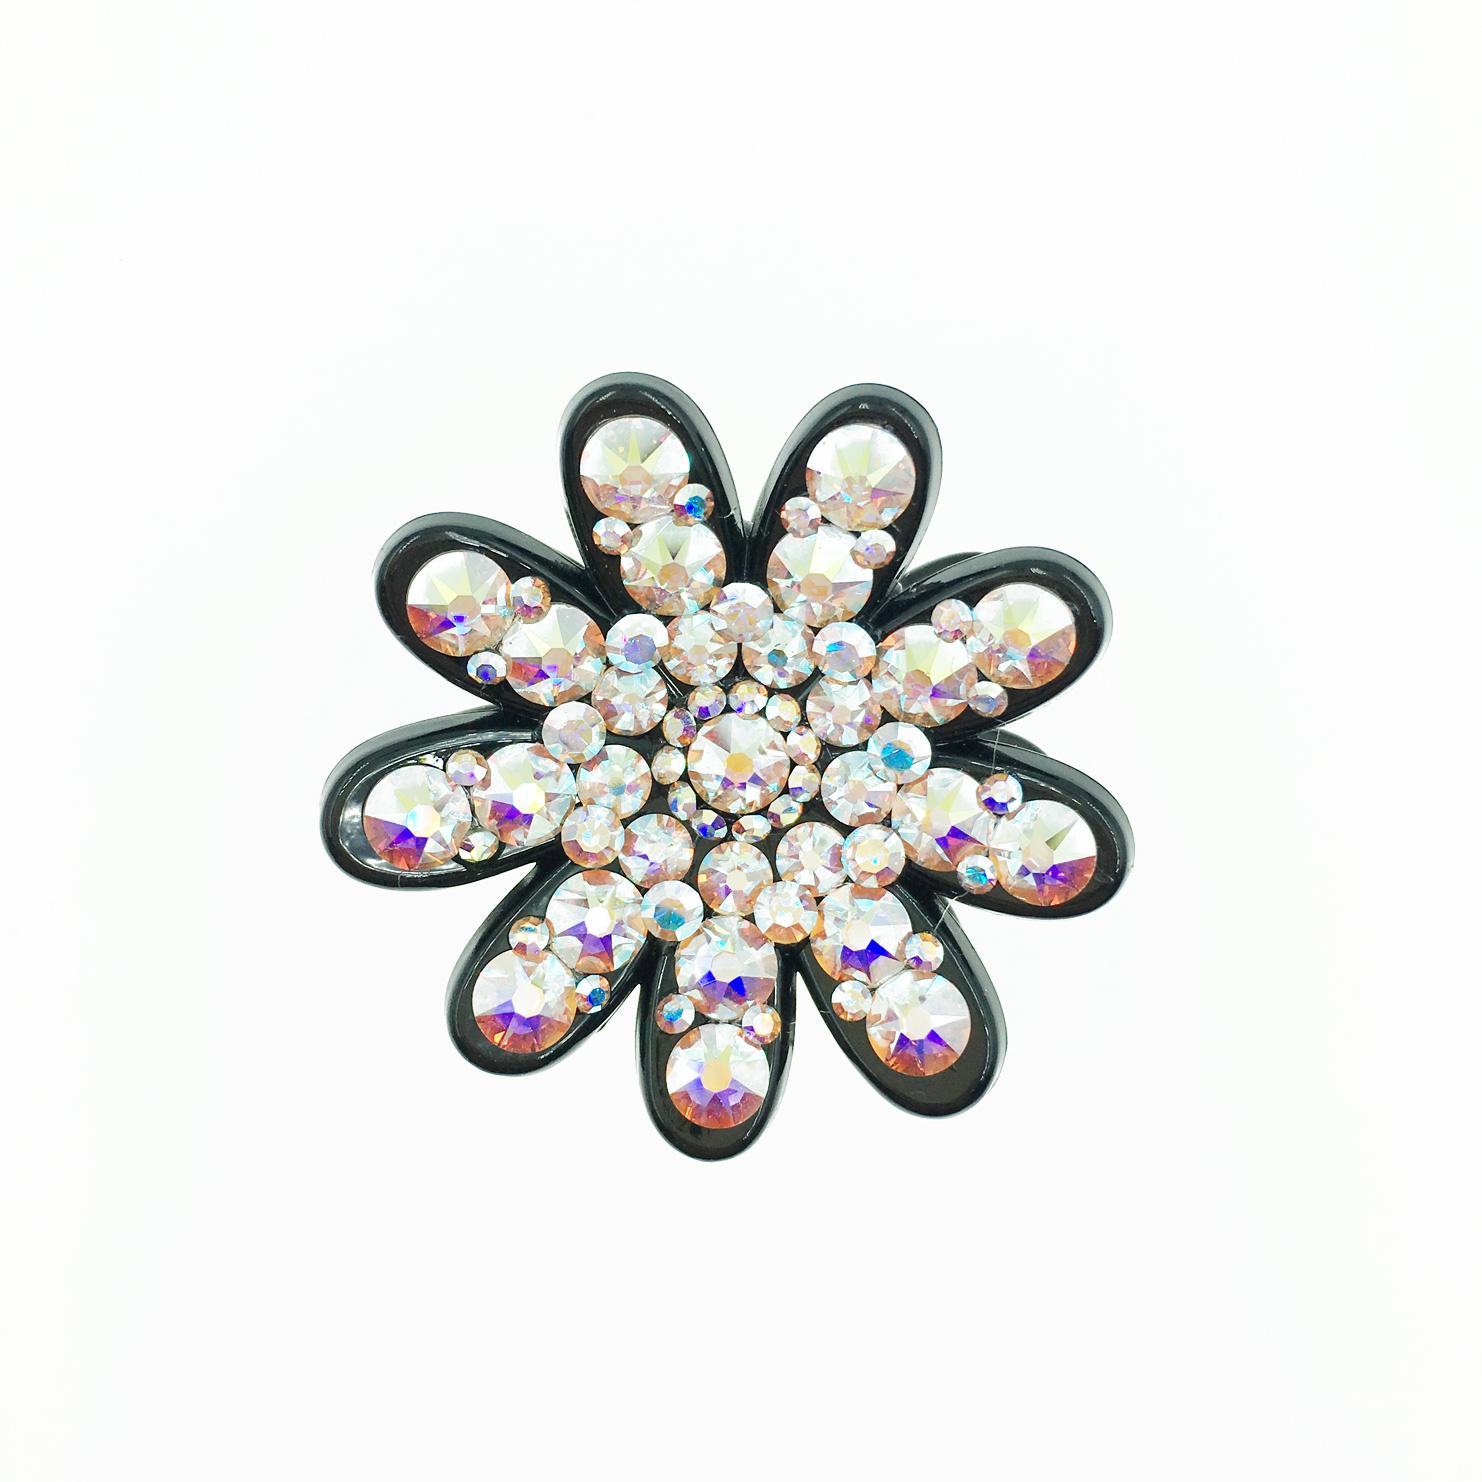 花造型 水鑽水晶 髮夾 小鯊魚夾 法國夾 採用施華洛世奇水晶元素 Crystals from Swarovski